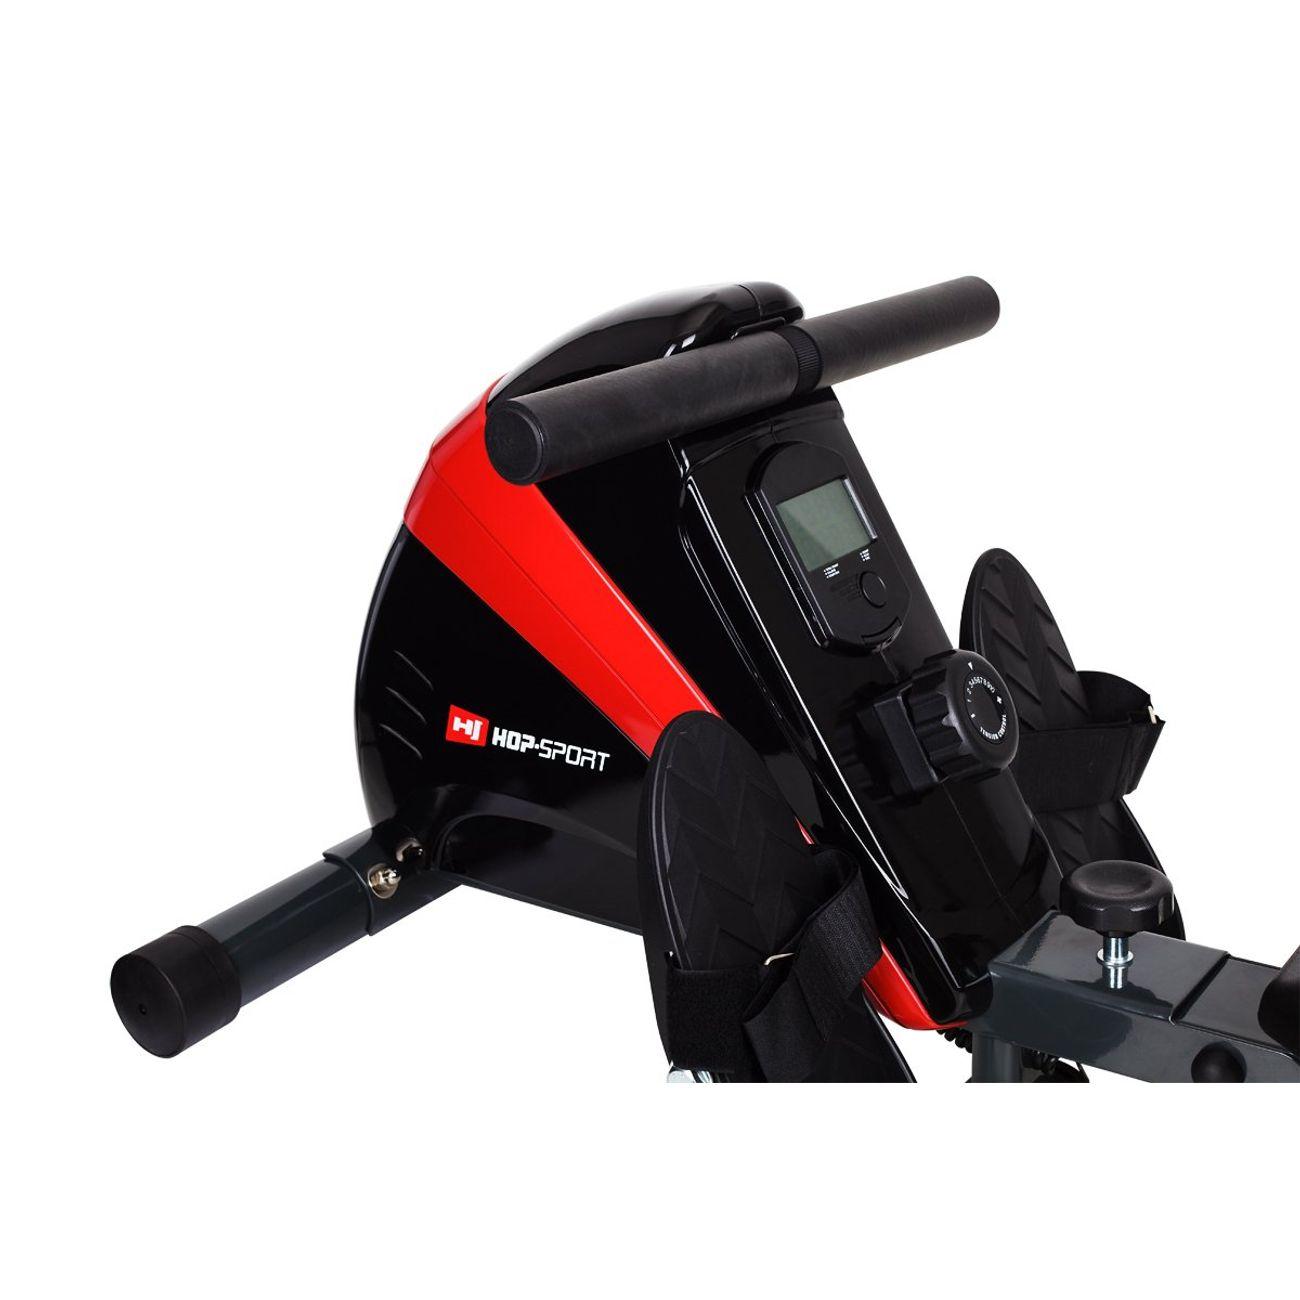 HS HOP SPORT Hop-Sport Rameur HS-030R Boost Machine à ramer équipée de l'ordinateur Rouge